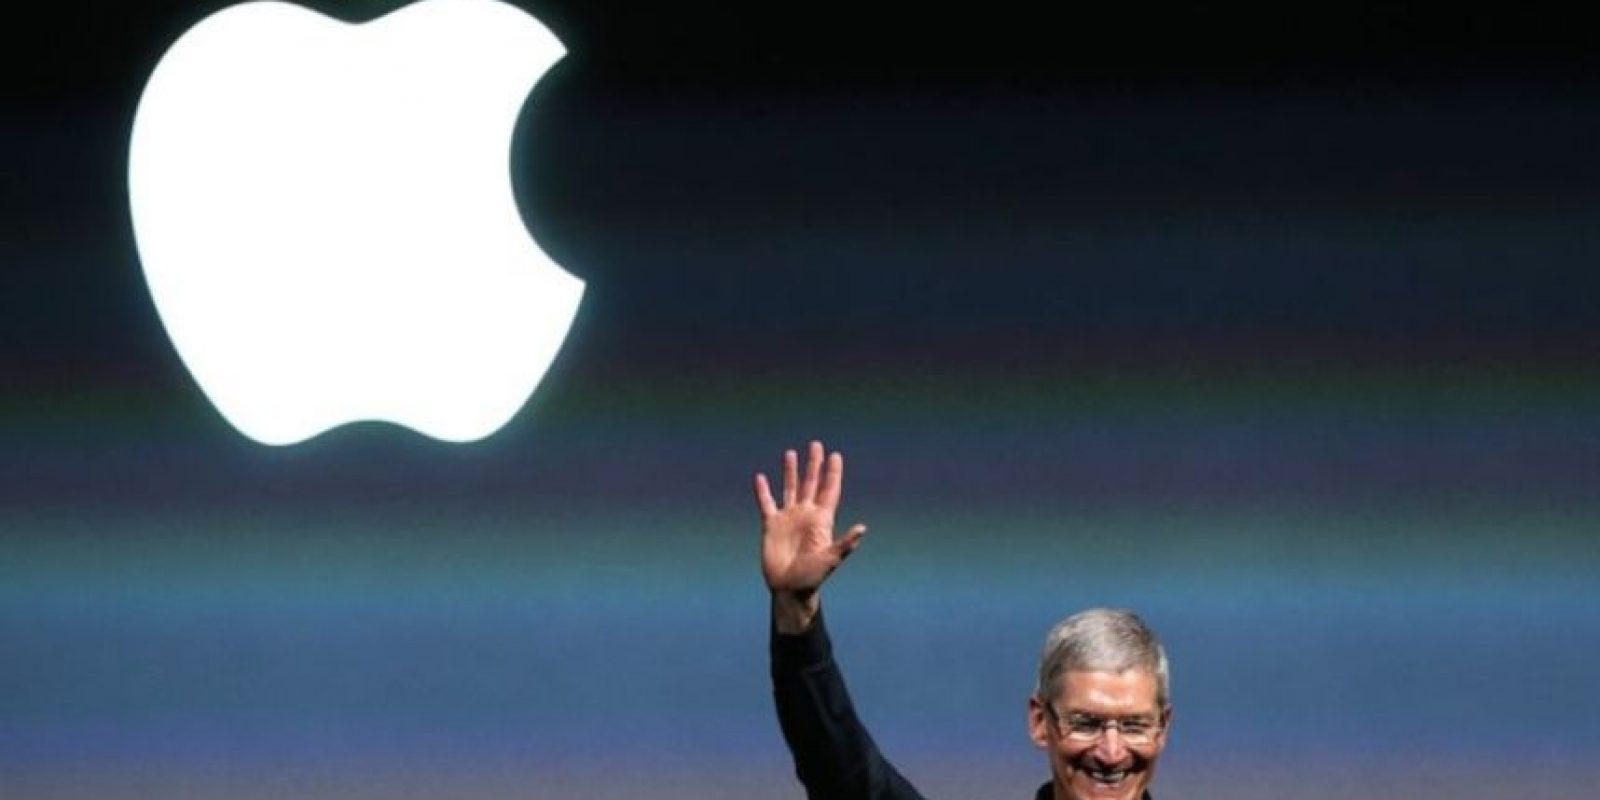 Finalmente, asumió el puesto de director ejecutivo de Apple en 2011 en sustitución de Steve Jobs. Foto:Getty Images